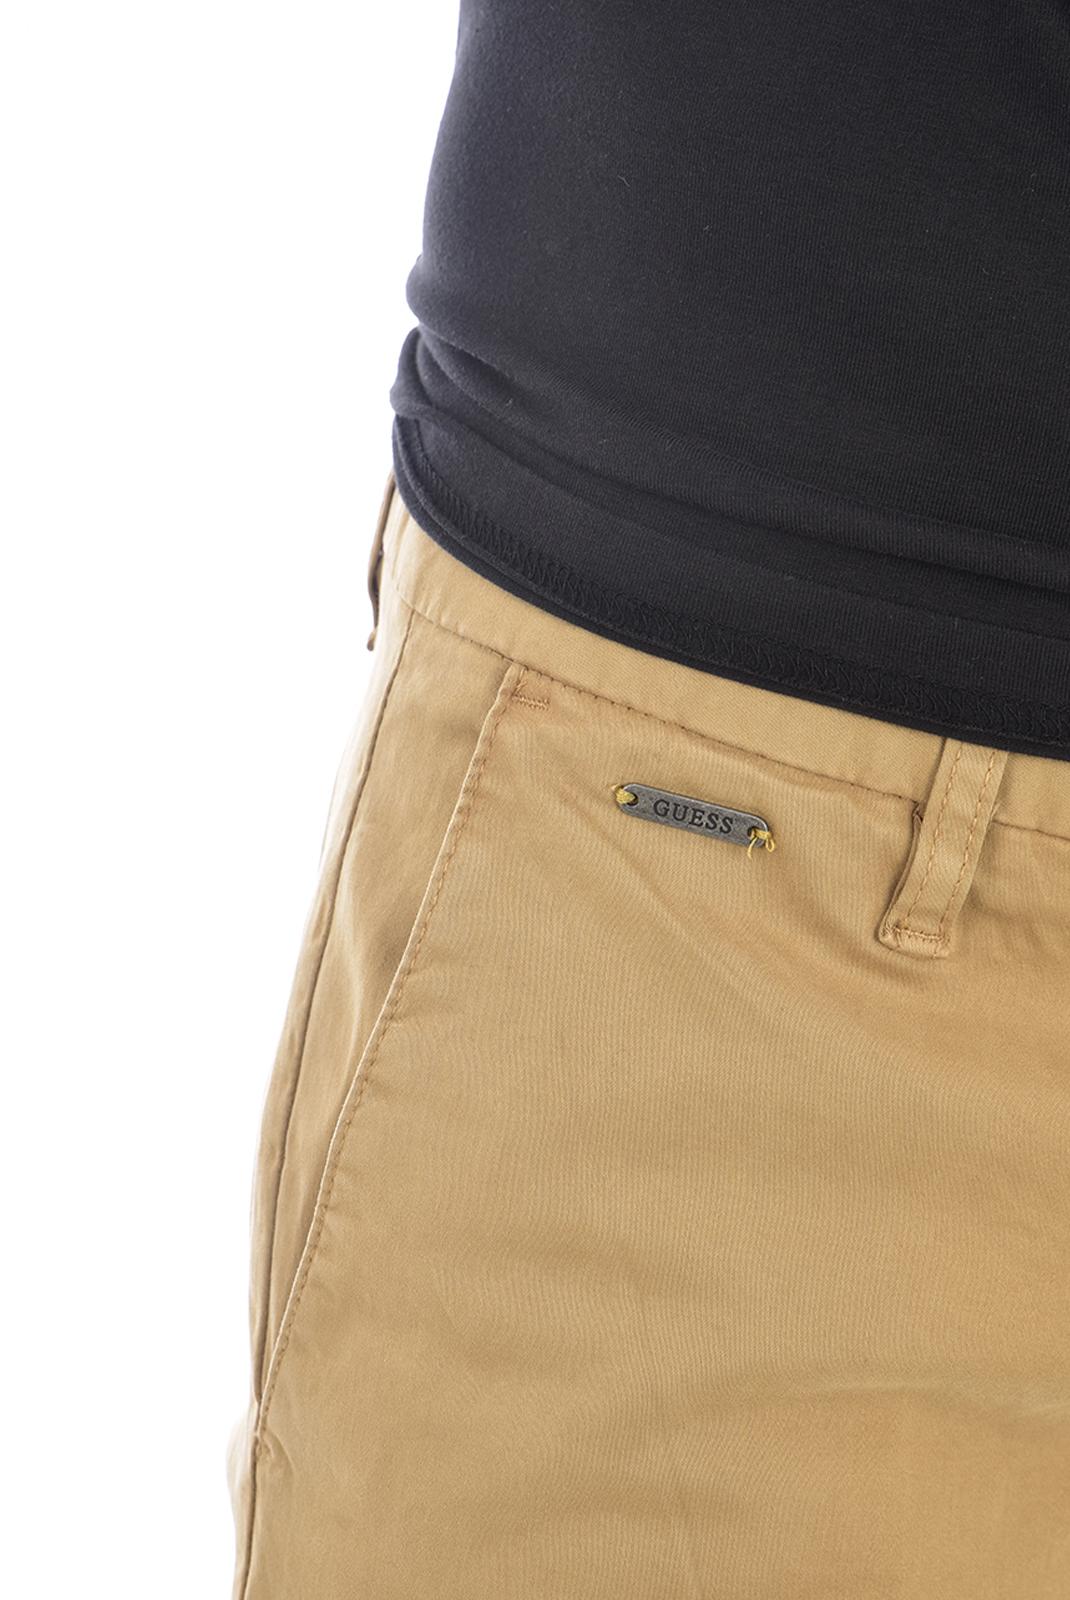 Pantalons chino/citadin  Guess jeans M94B29 WC7Y0 DANIEL B175 REGAL KHAKI